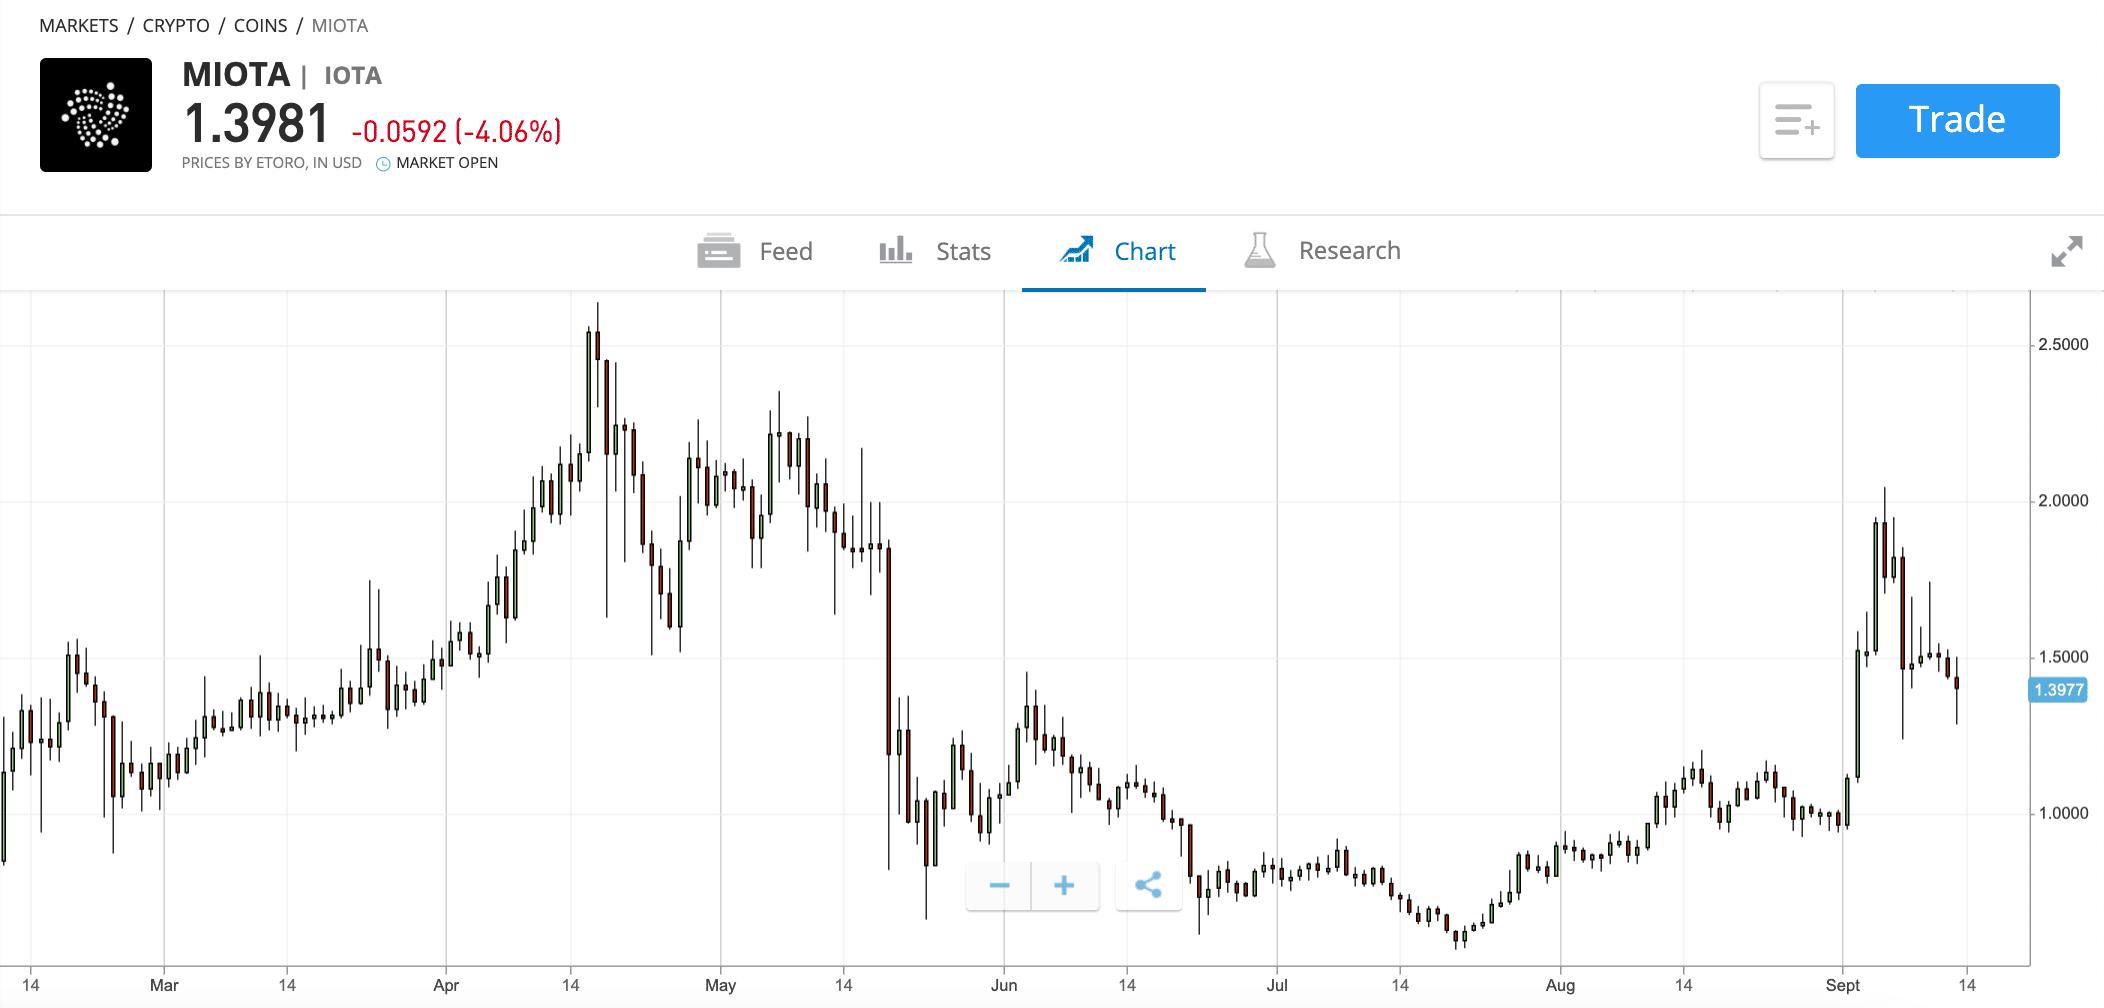 etoro iota price chart